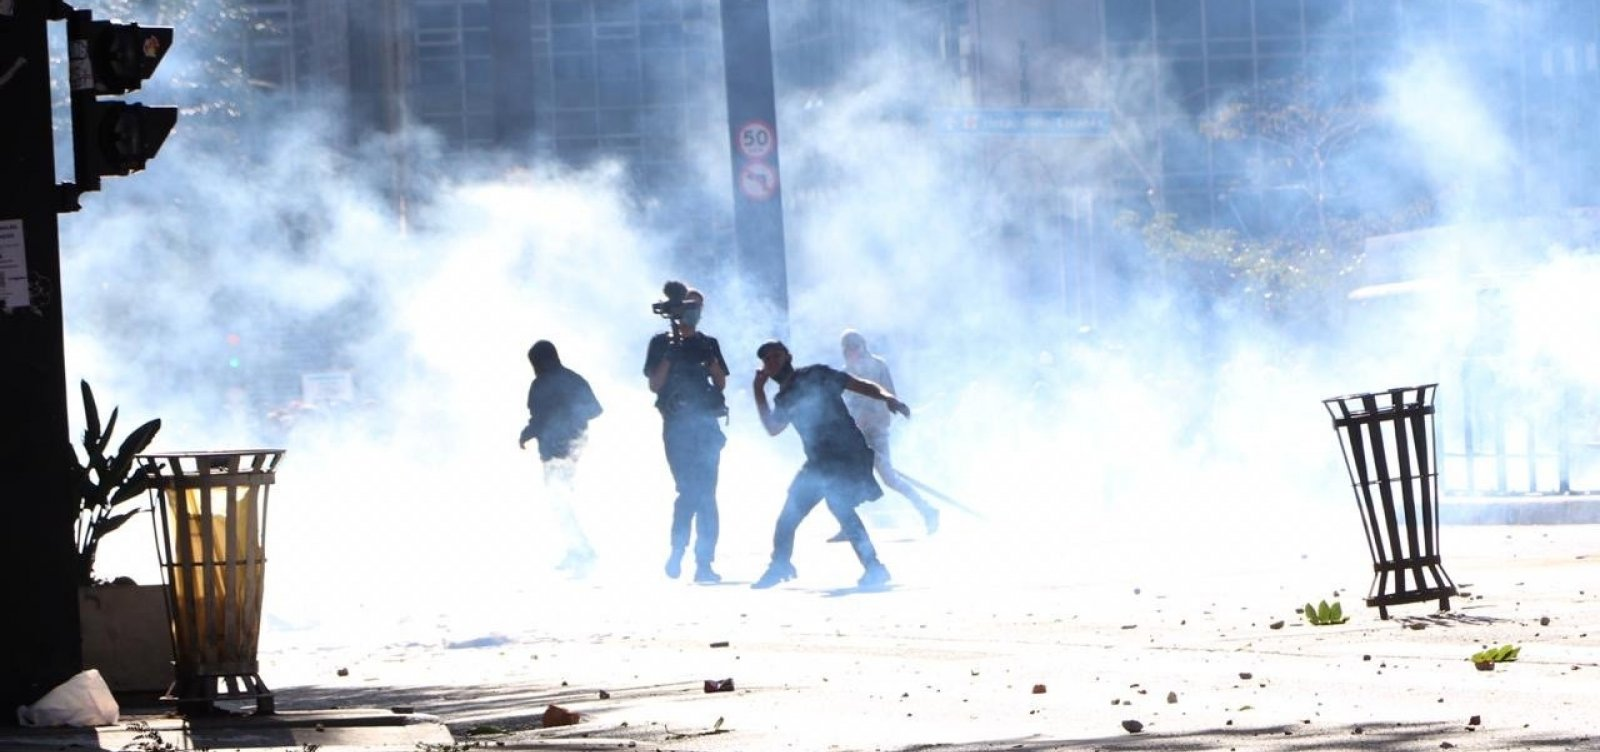 [São Paulo: ato pró-democracia tem confrontos entre torcedores, bolsonaristas e policiais]